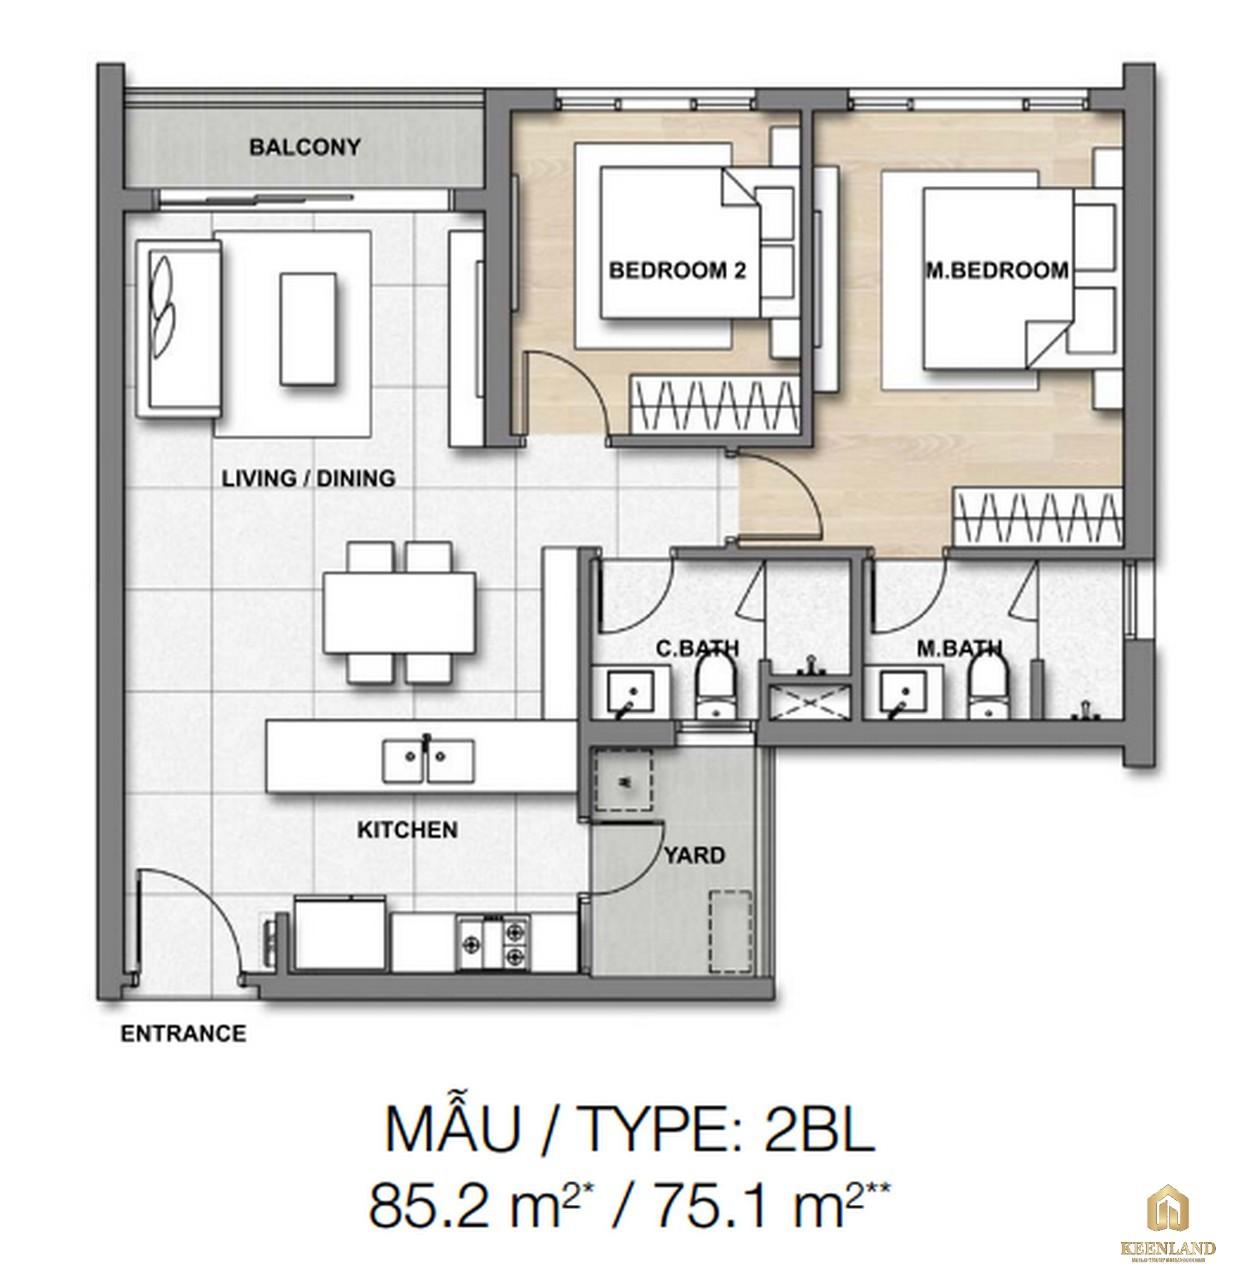 Thiết kế chi tiết căn hộ 2BL dự án căn hộ chung cư Palm Heights Quận 2